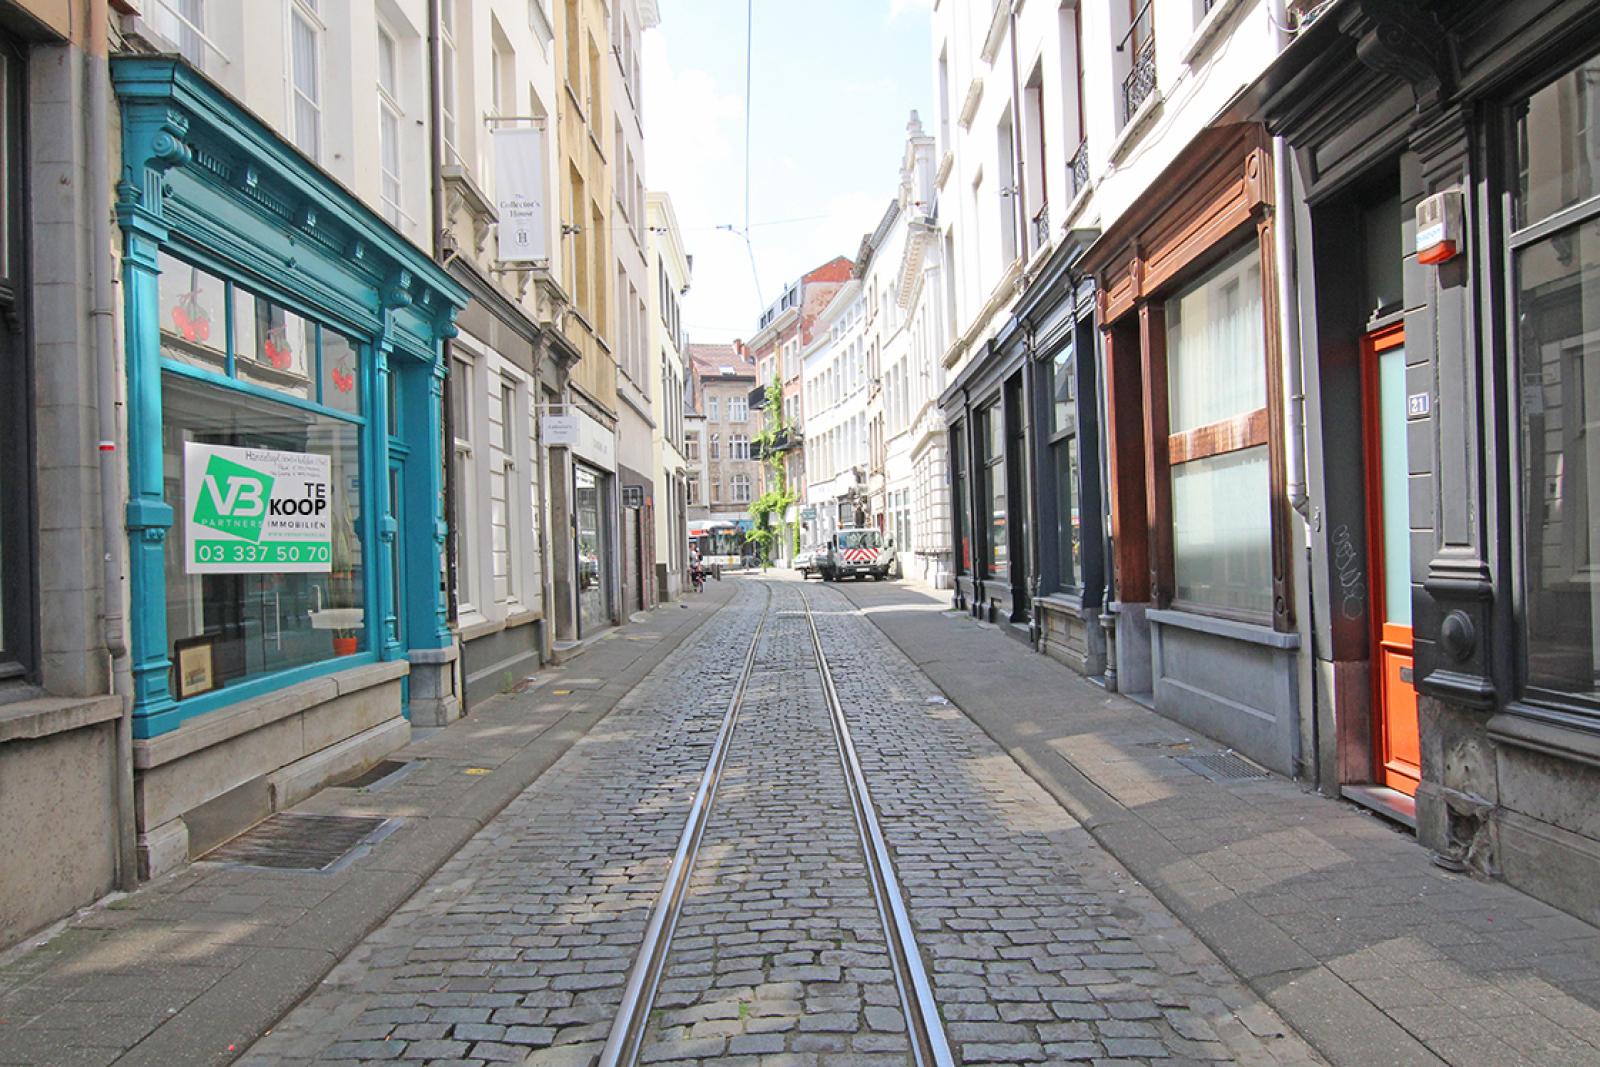 Mooi handelsgelijkvloers in het historisch stadscentrum! afbeelding 1